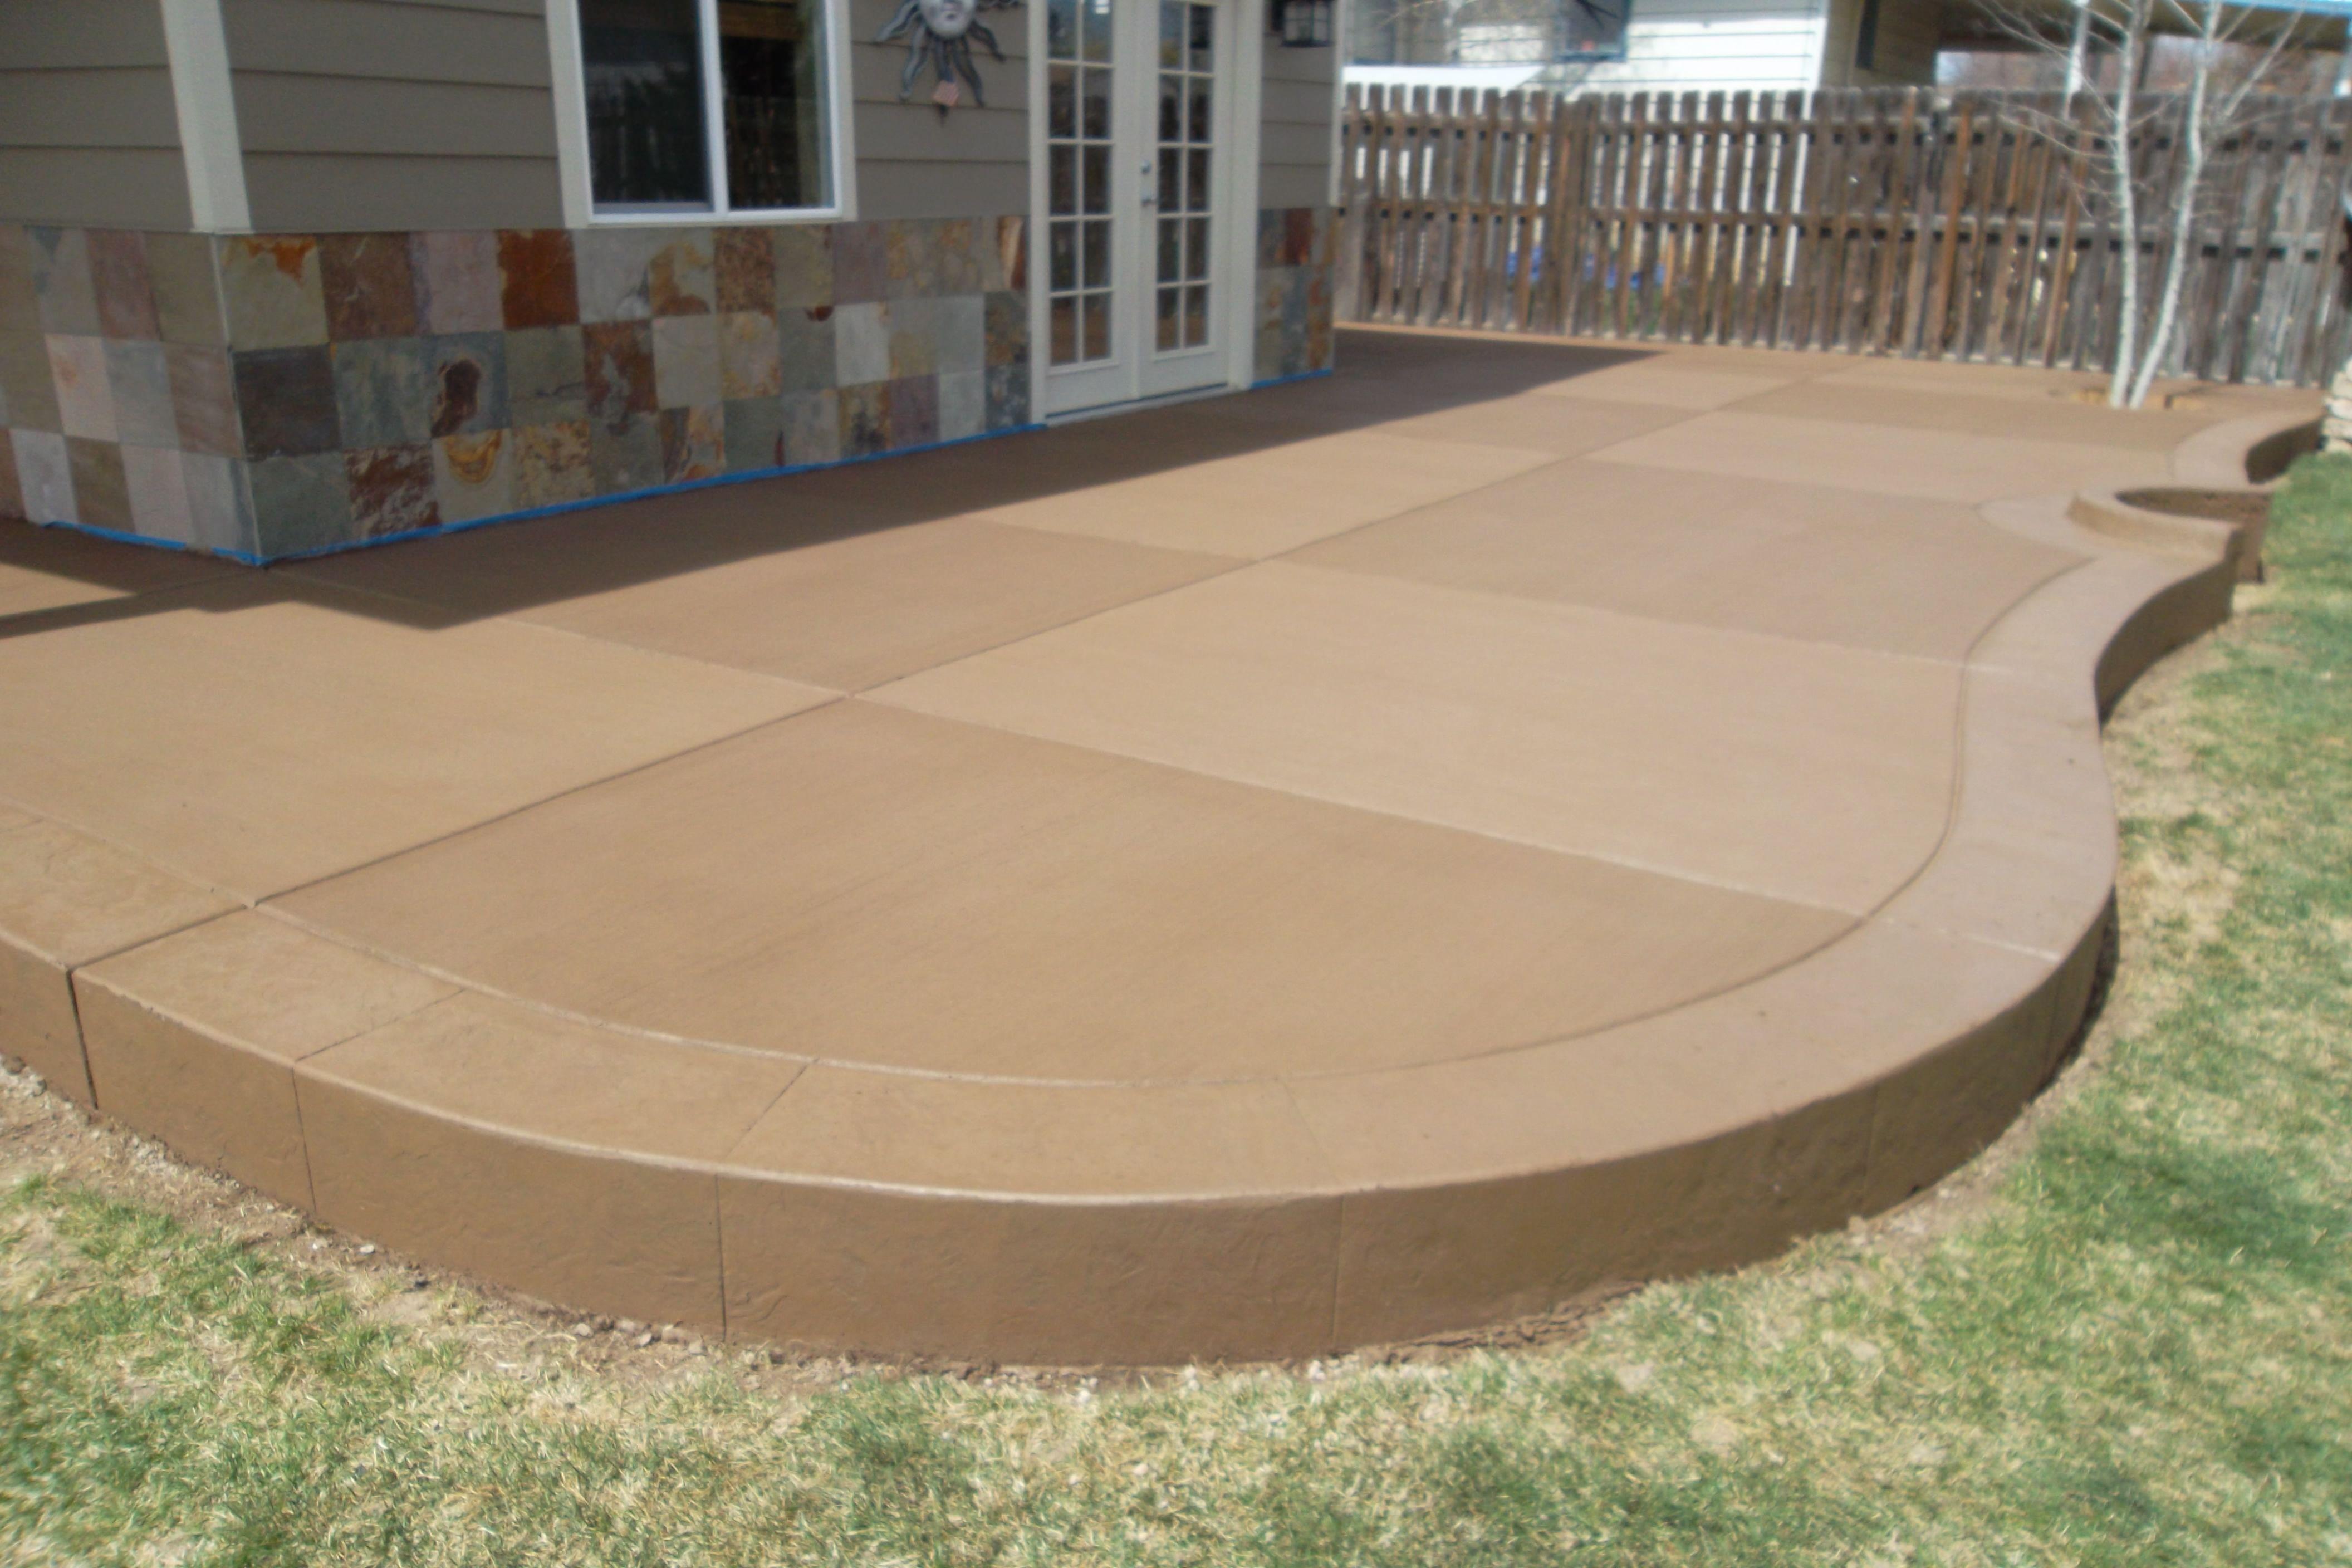 sandstone colored concrete patio